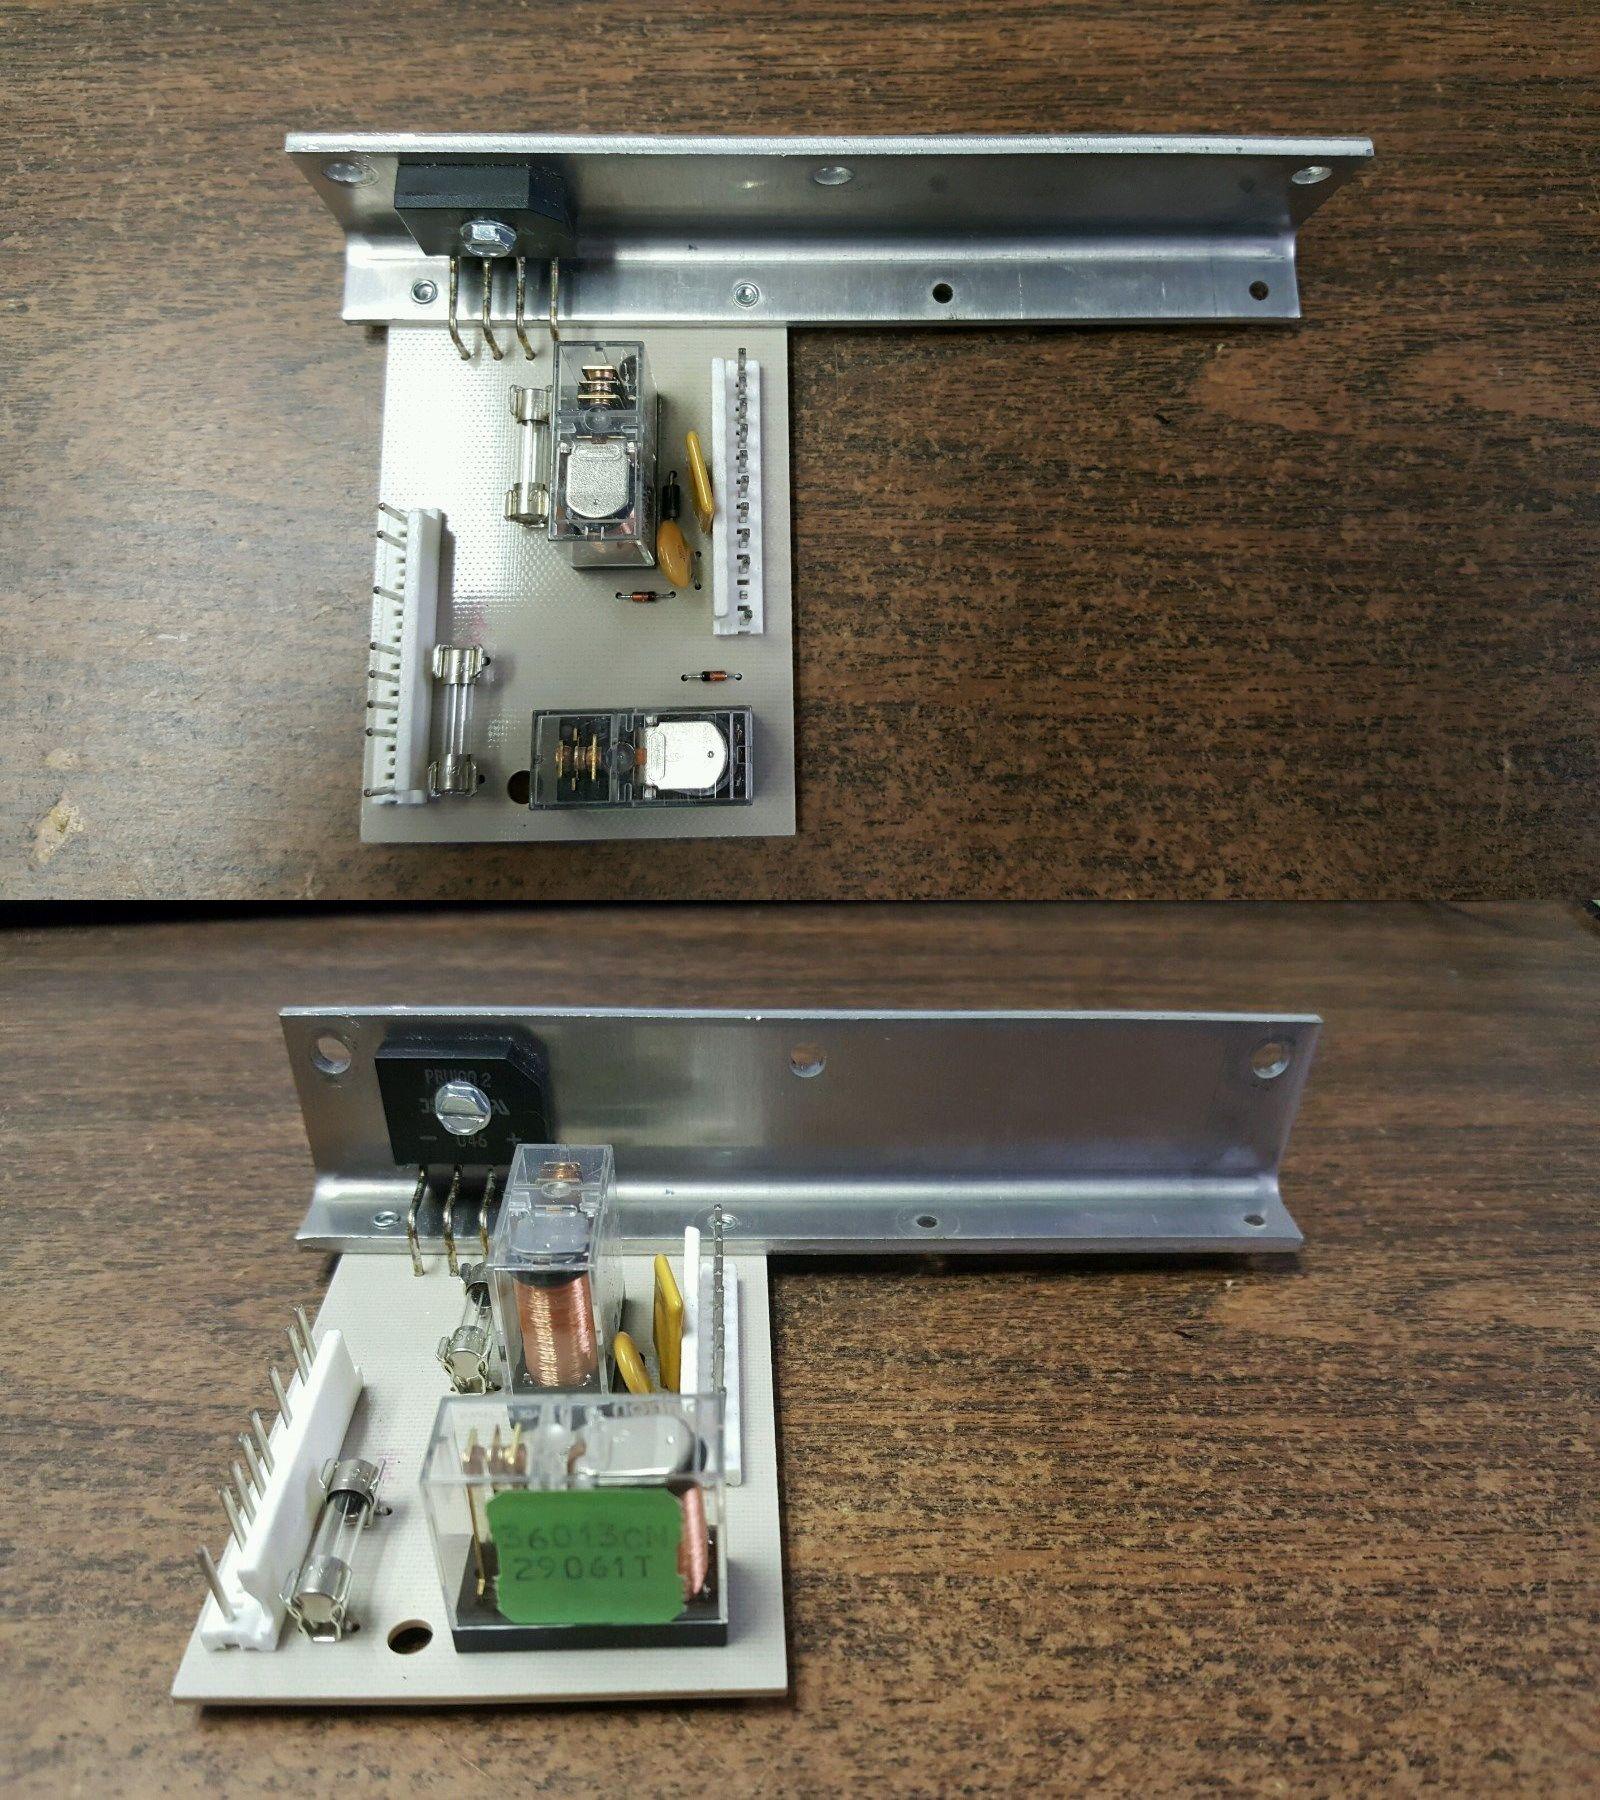 Opener Parts And Accessories 179688 New Genie Garage Door Schematics 29061t 20424s Circuit Board Buy It Now Only 494 On Ebay